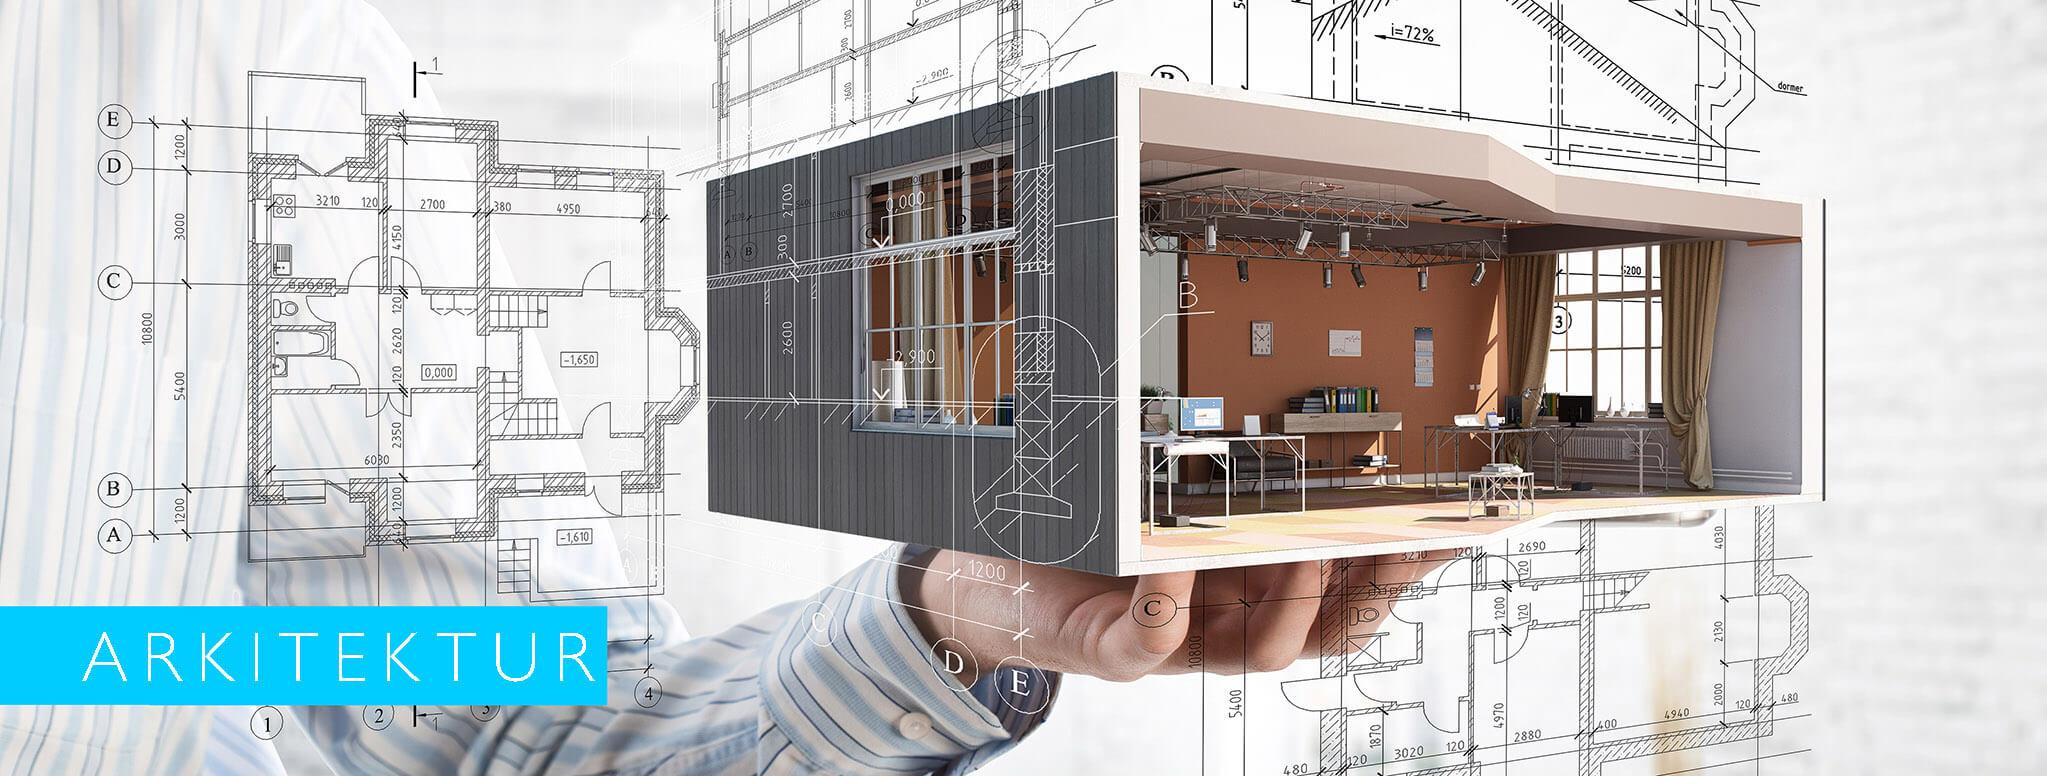 arkitektering-och-design1